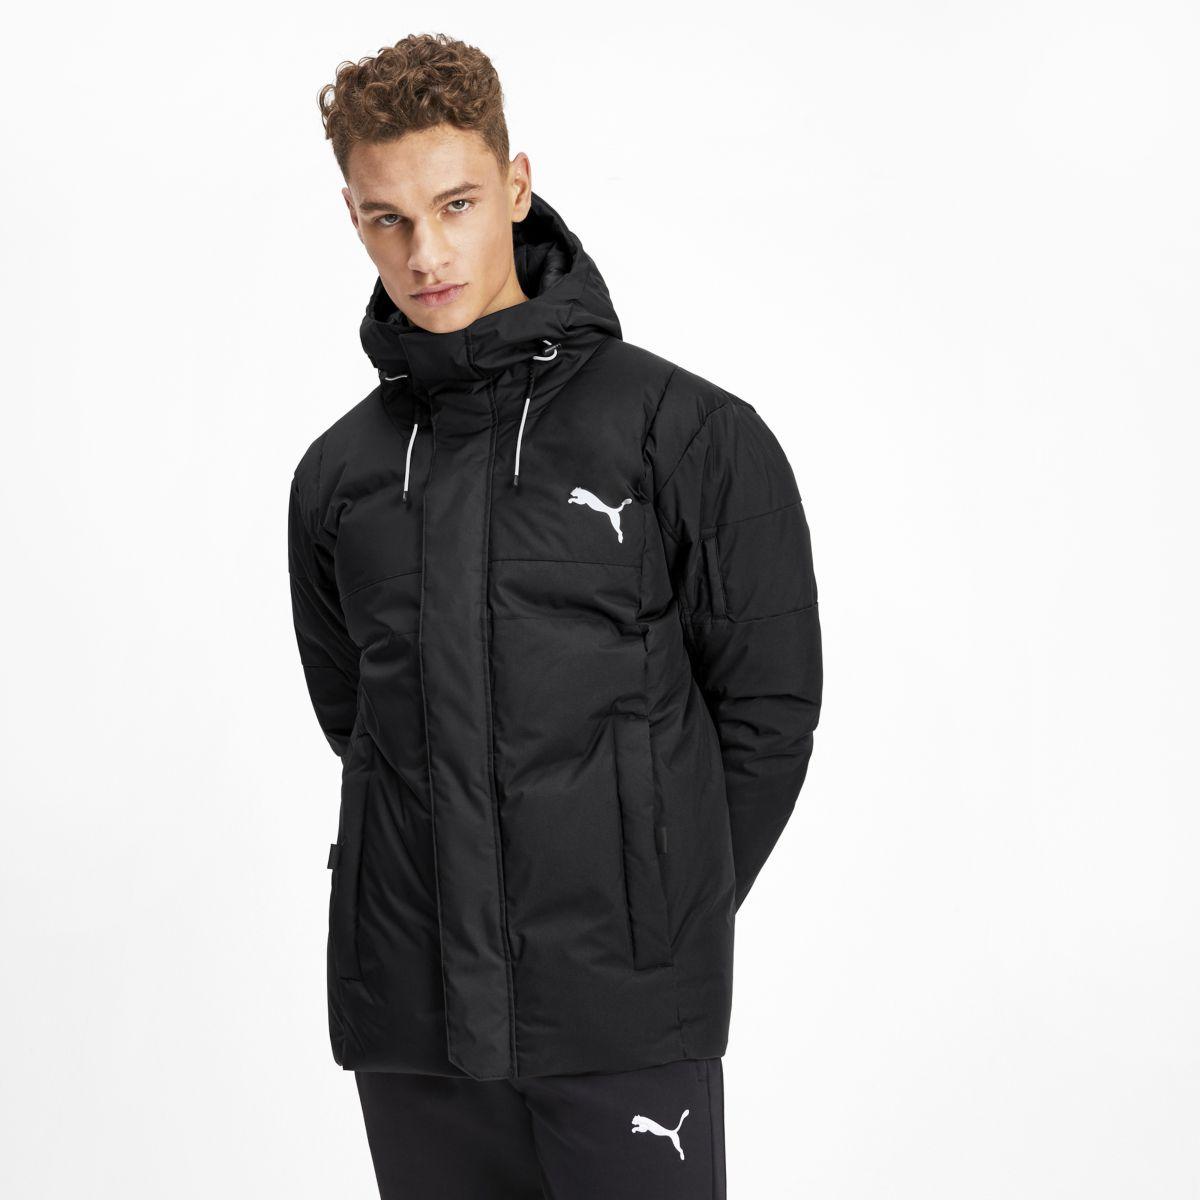 Пуховик PUMA 650 Protective Down Jacket пуховик мужской puma ferrari down jacket цвет черный 57667402 размер s 44 46